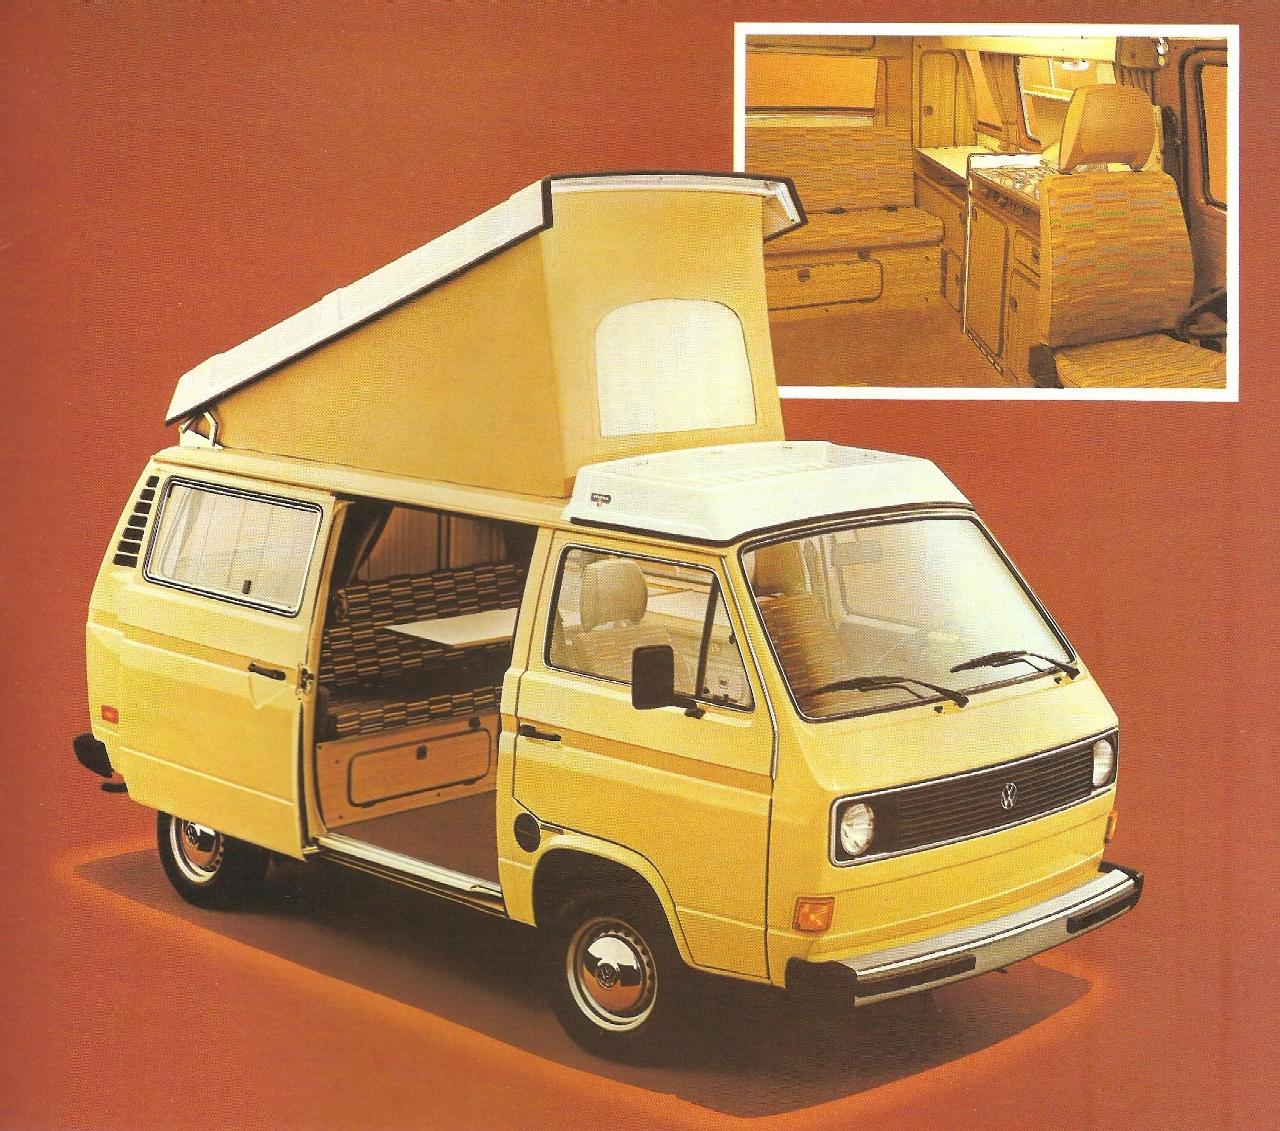 81 camper. Black Bedroom Furniture Sets. Home Design Ideas